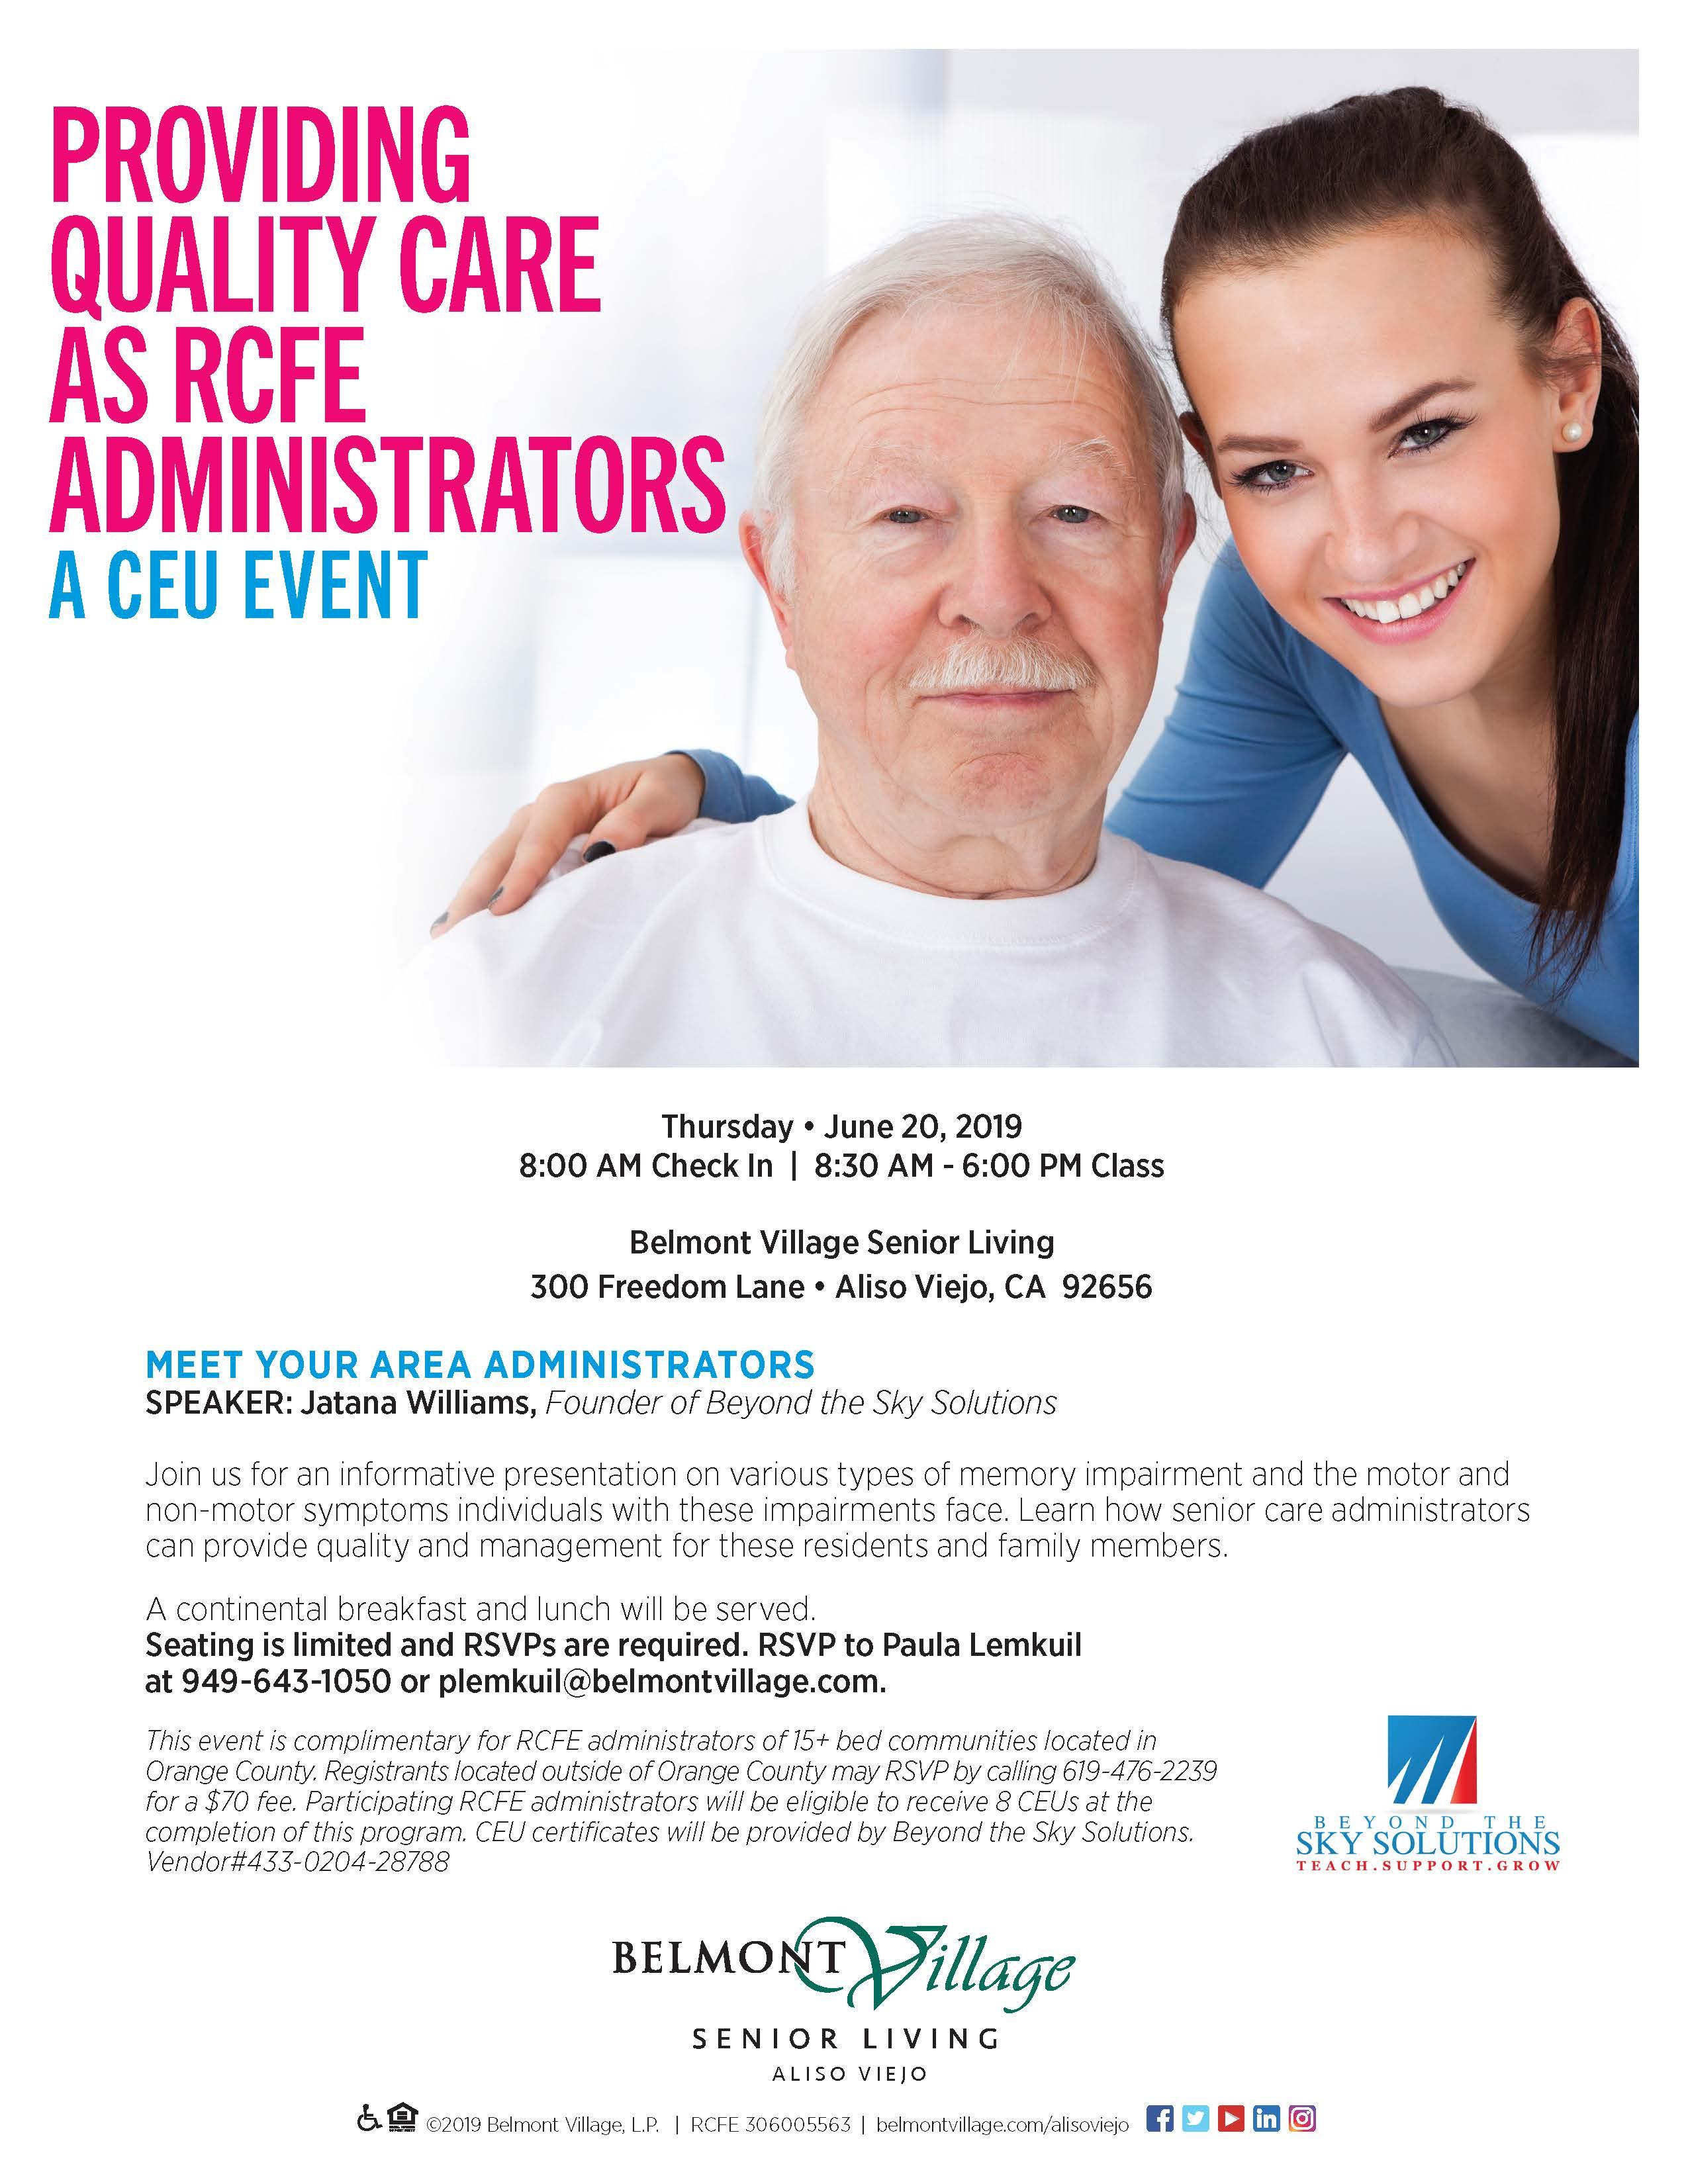 Memory Impairment & Benefits of Senior Care